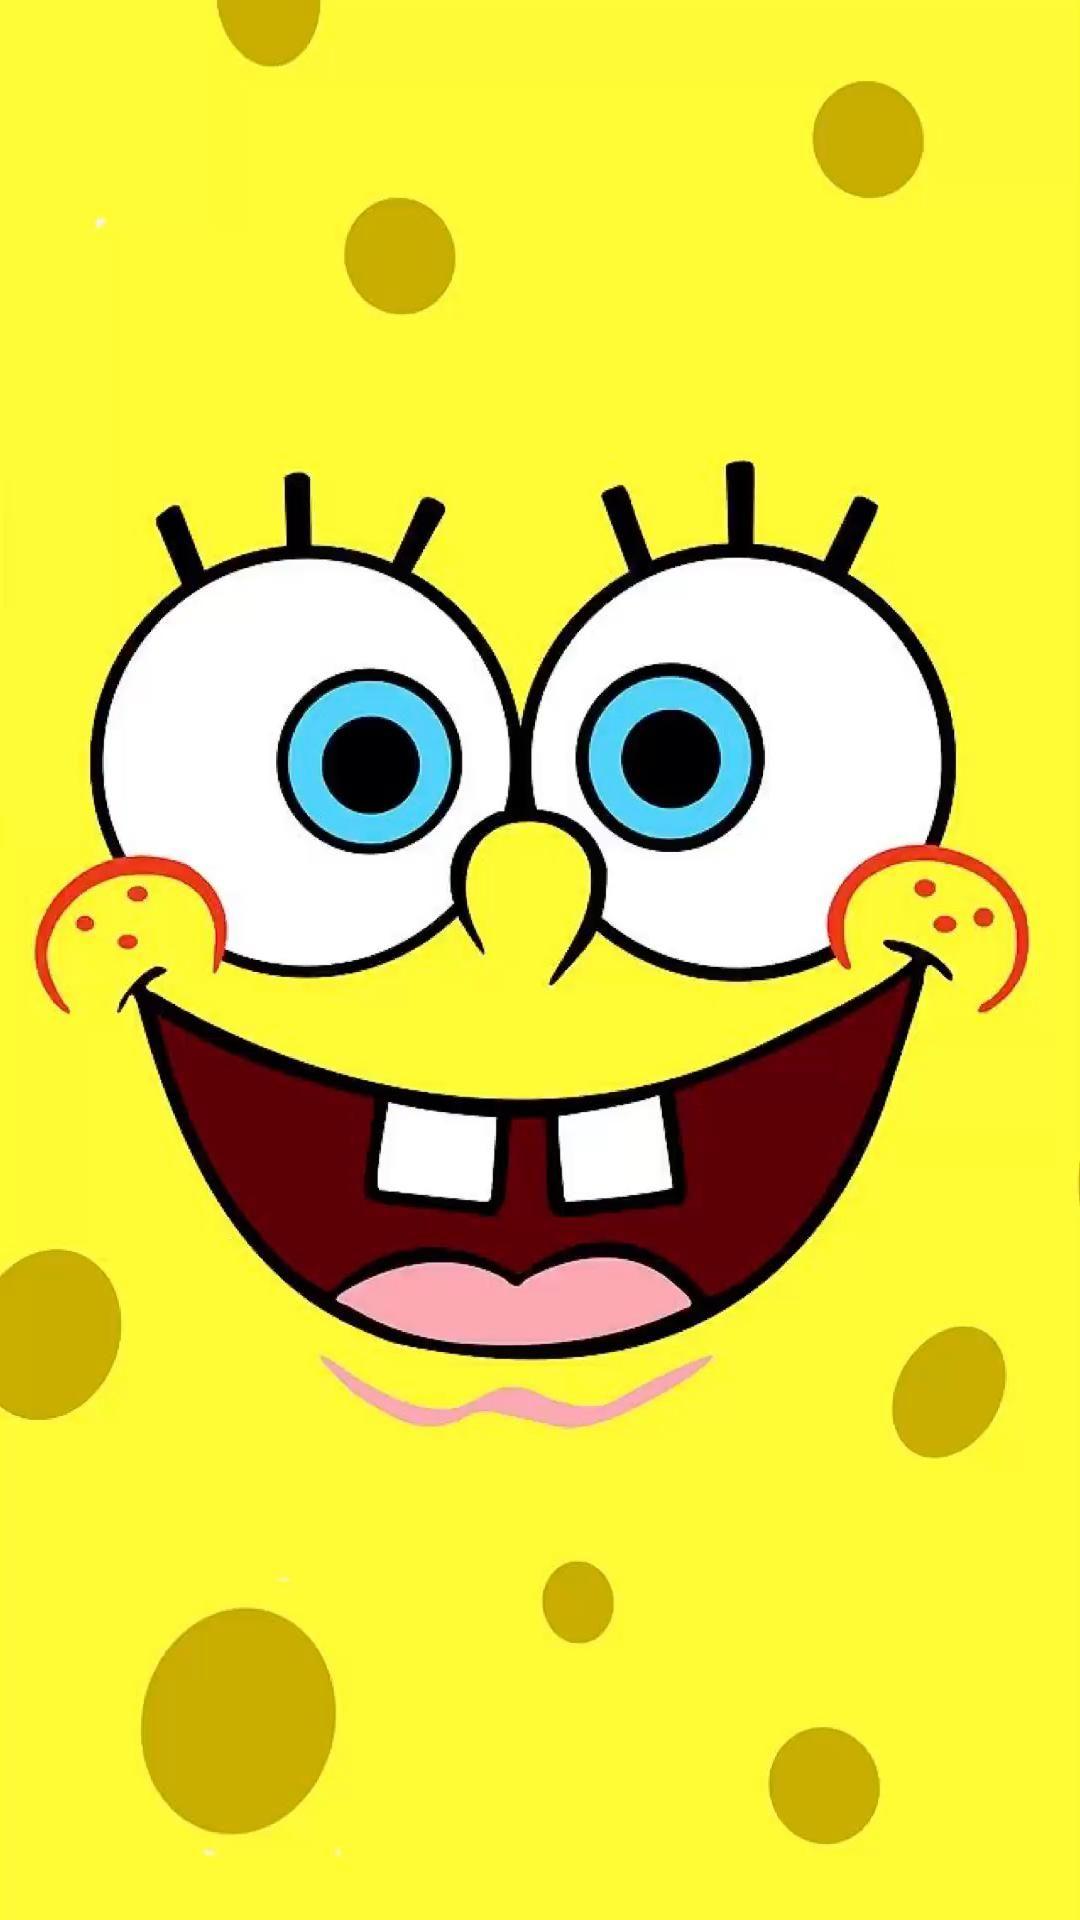 Spongebob Wallpaper 544